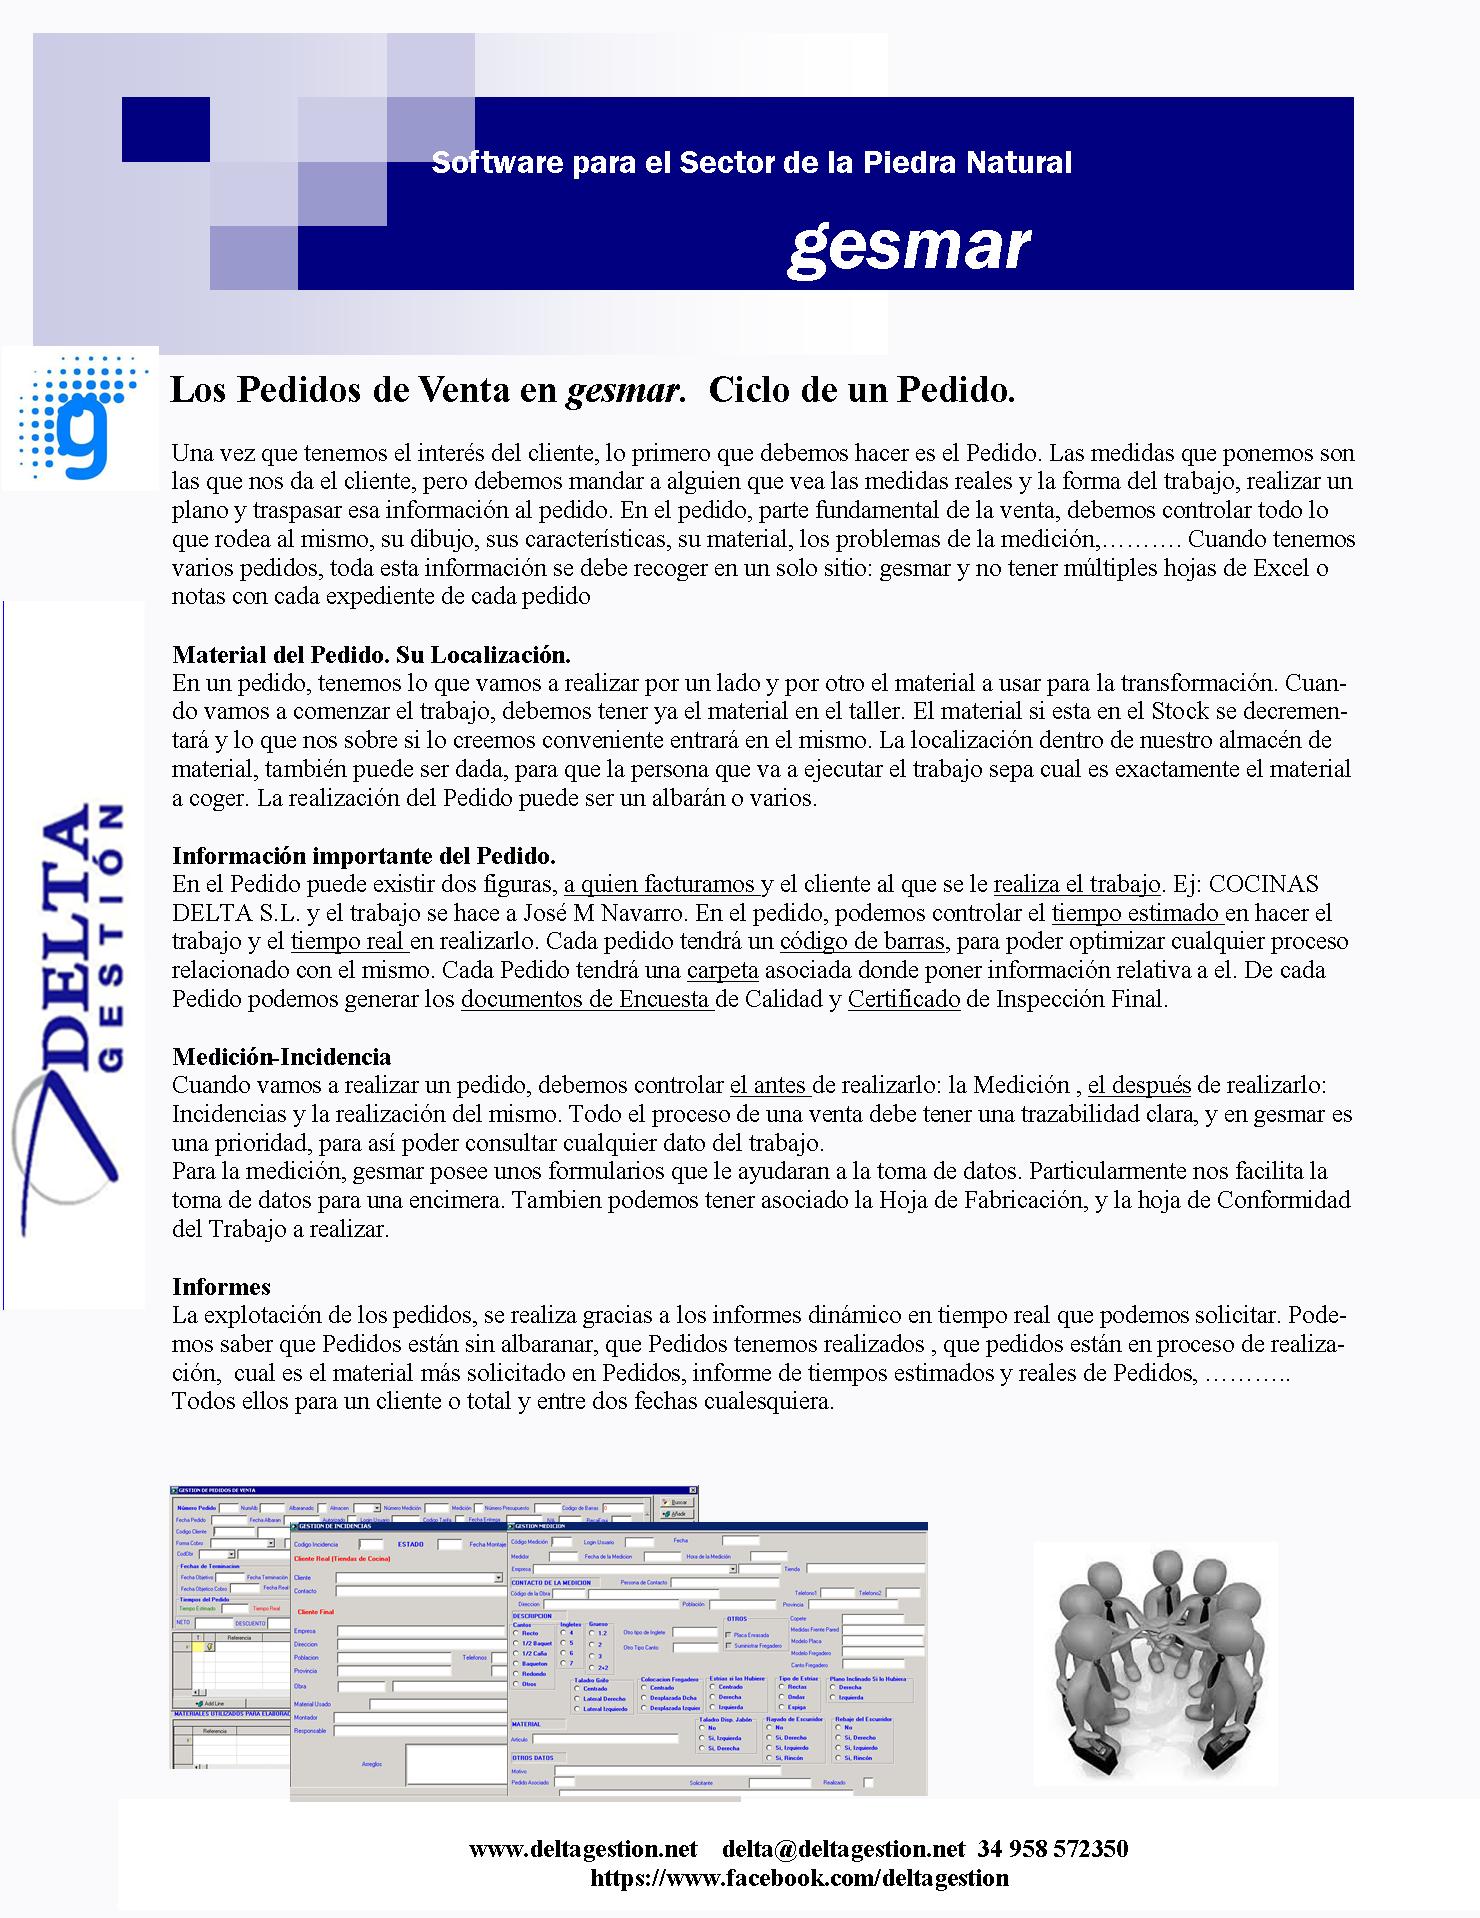 20170803_1230 GESMAR gesmar los pedidos de Venta II